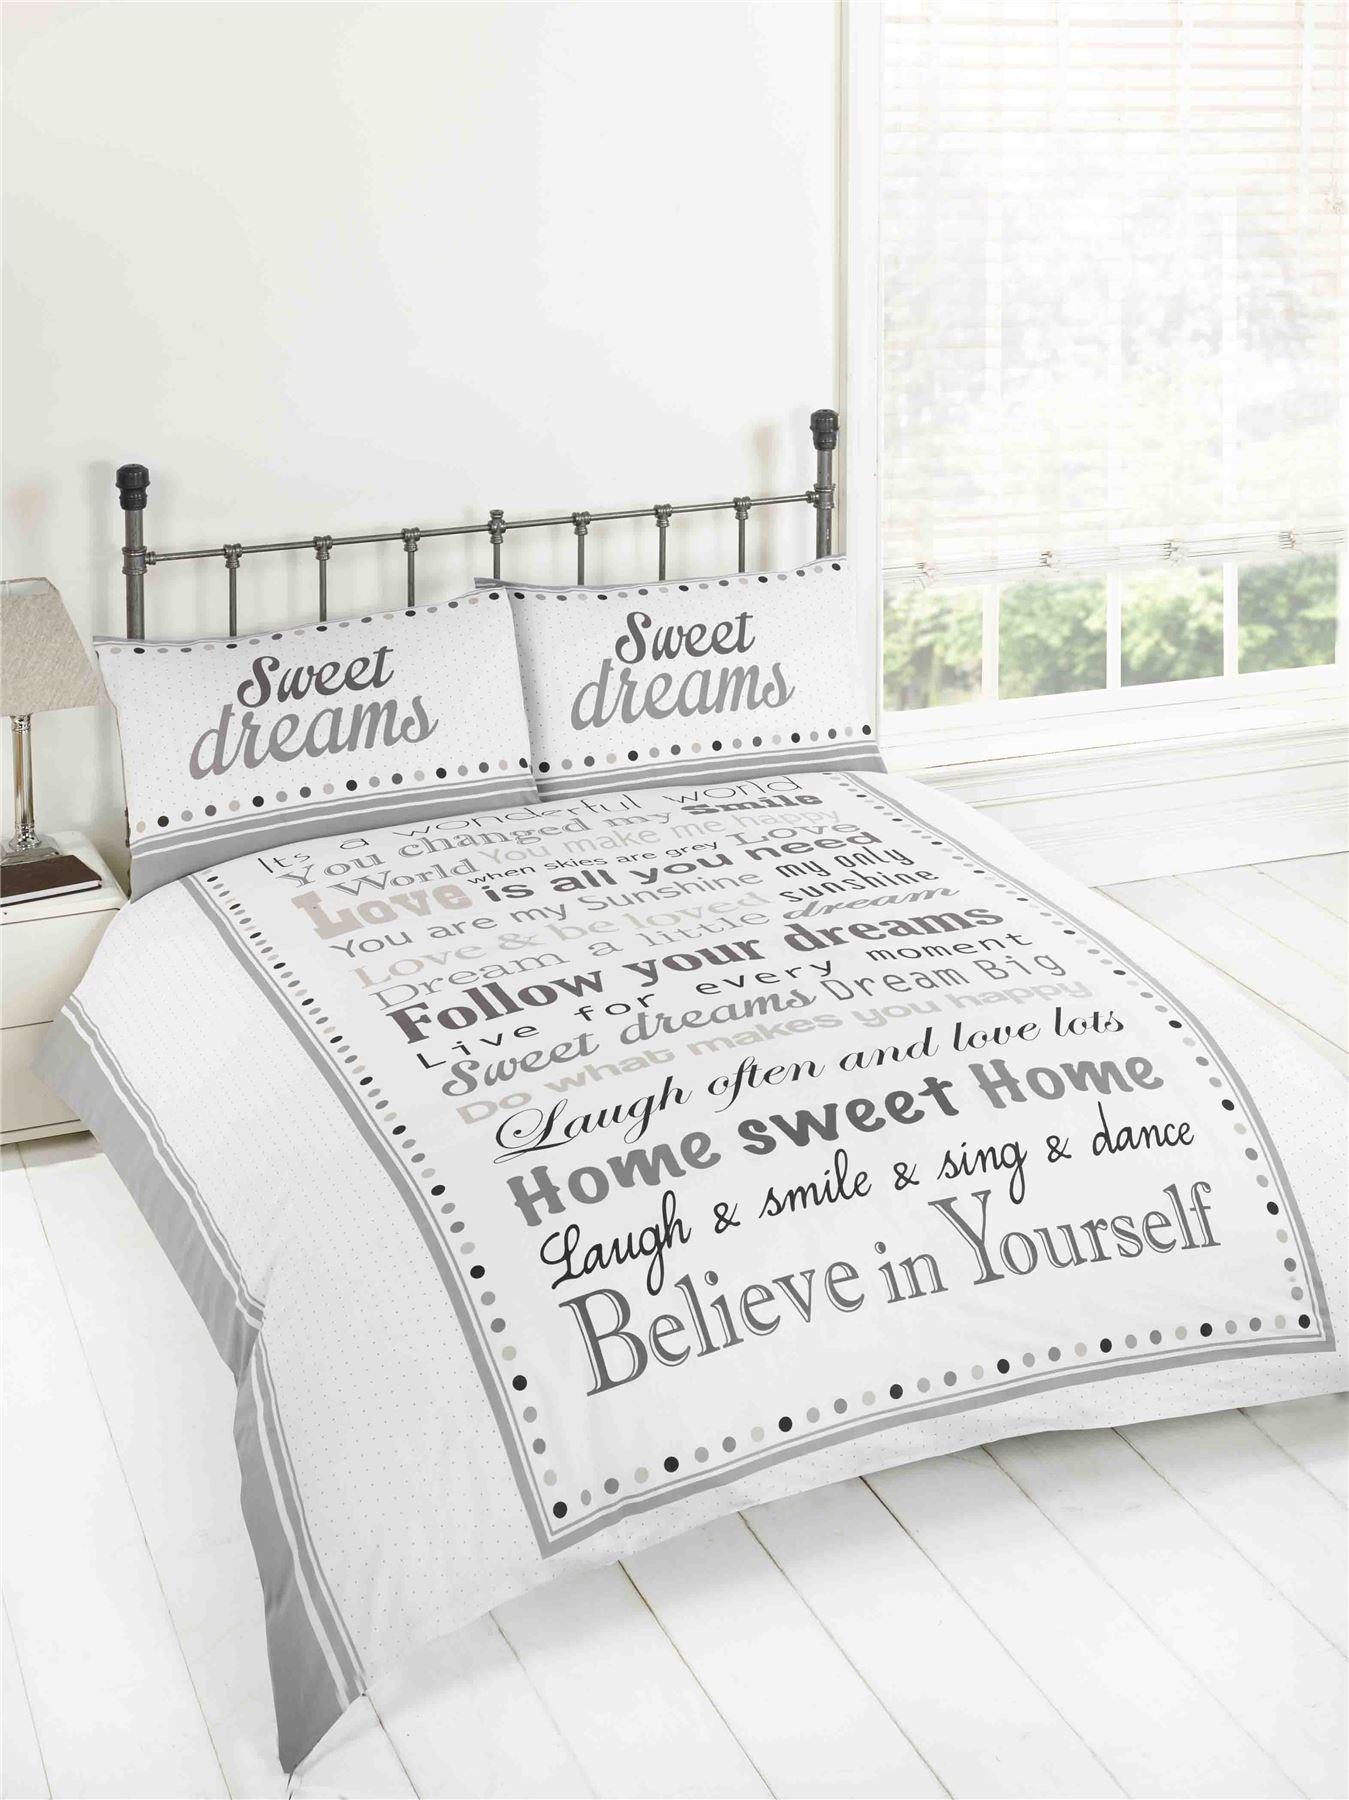 Sweet Dreams Love Is All You Need Aufschrift schwarz grau Foto Druck Bettbezug